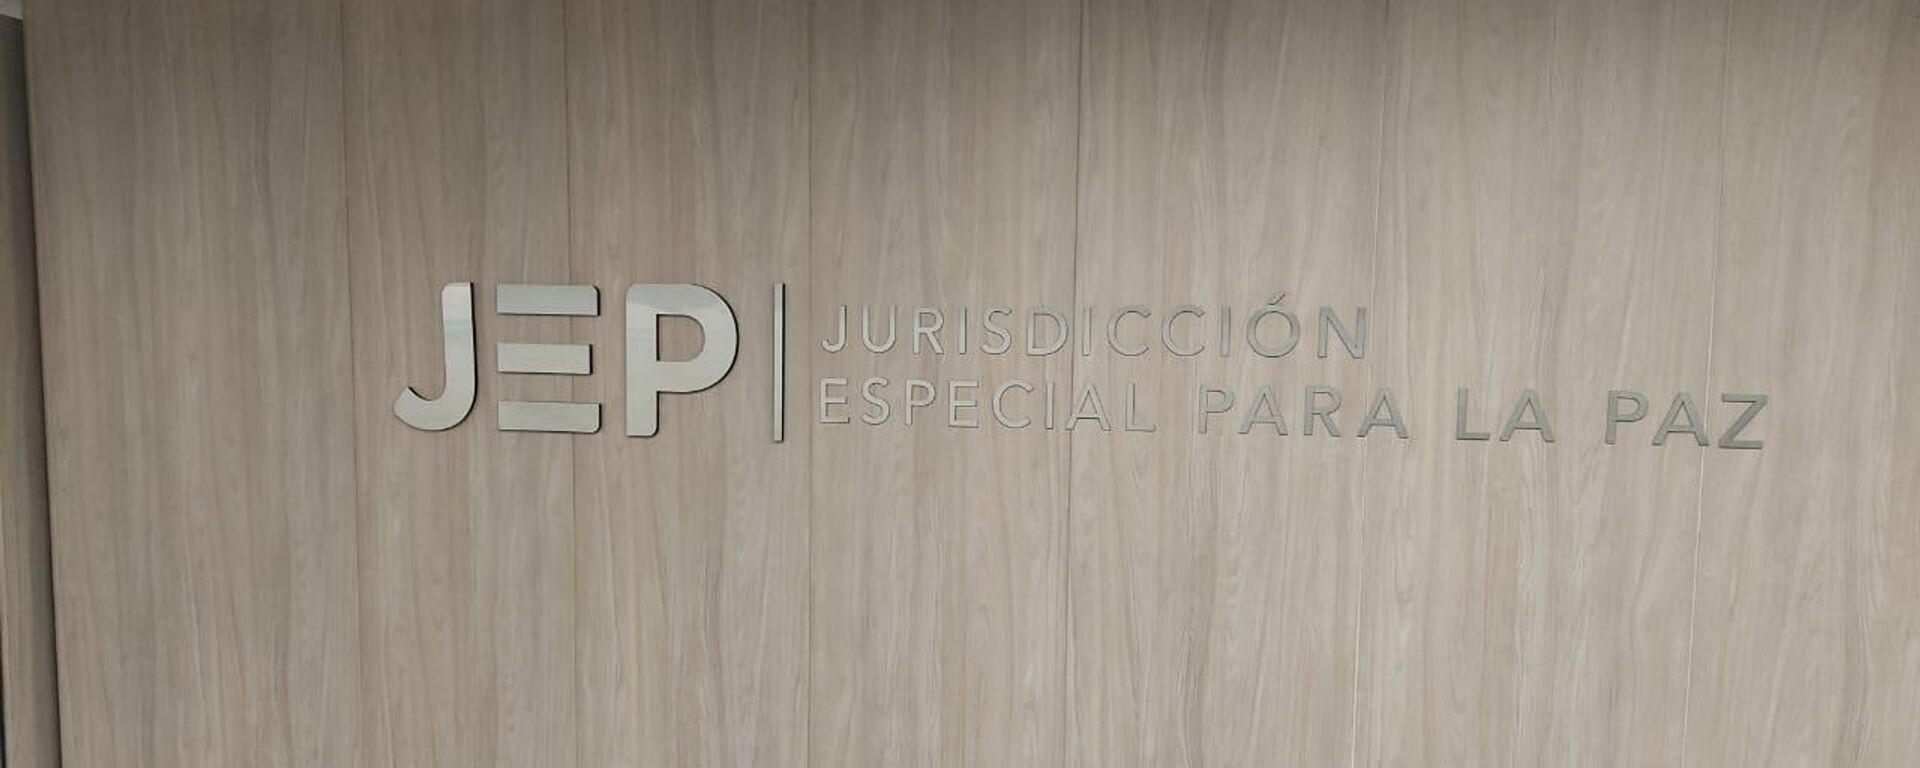 Jurisdicción Especial para la Paz (JEP, justicia transicional) - Sputnik Mundo, 1920, 23.09.2021